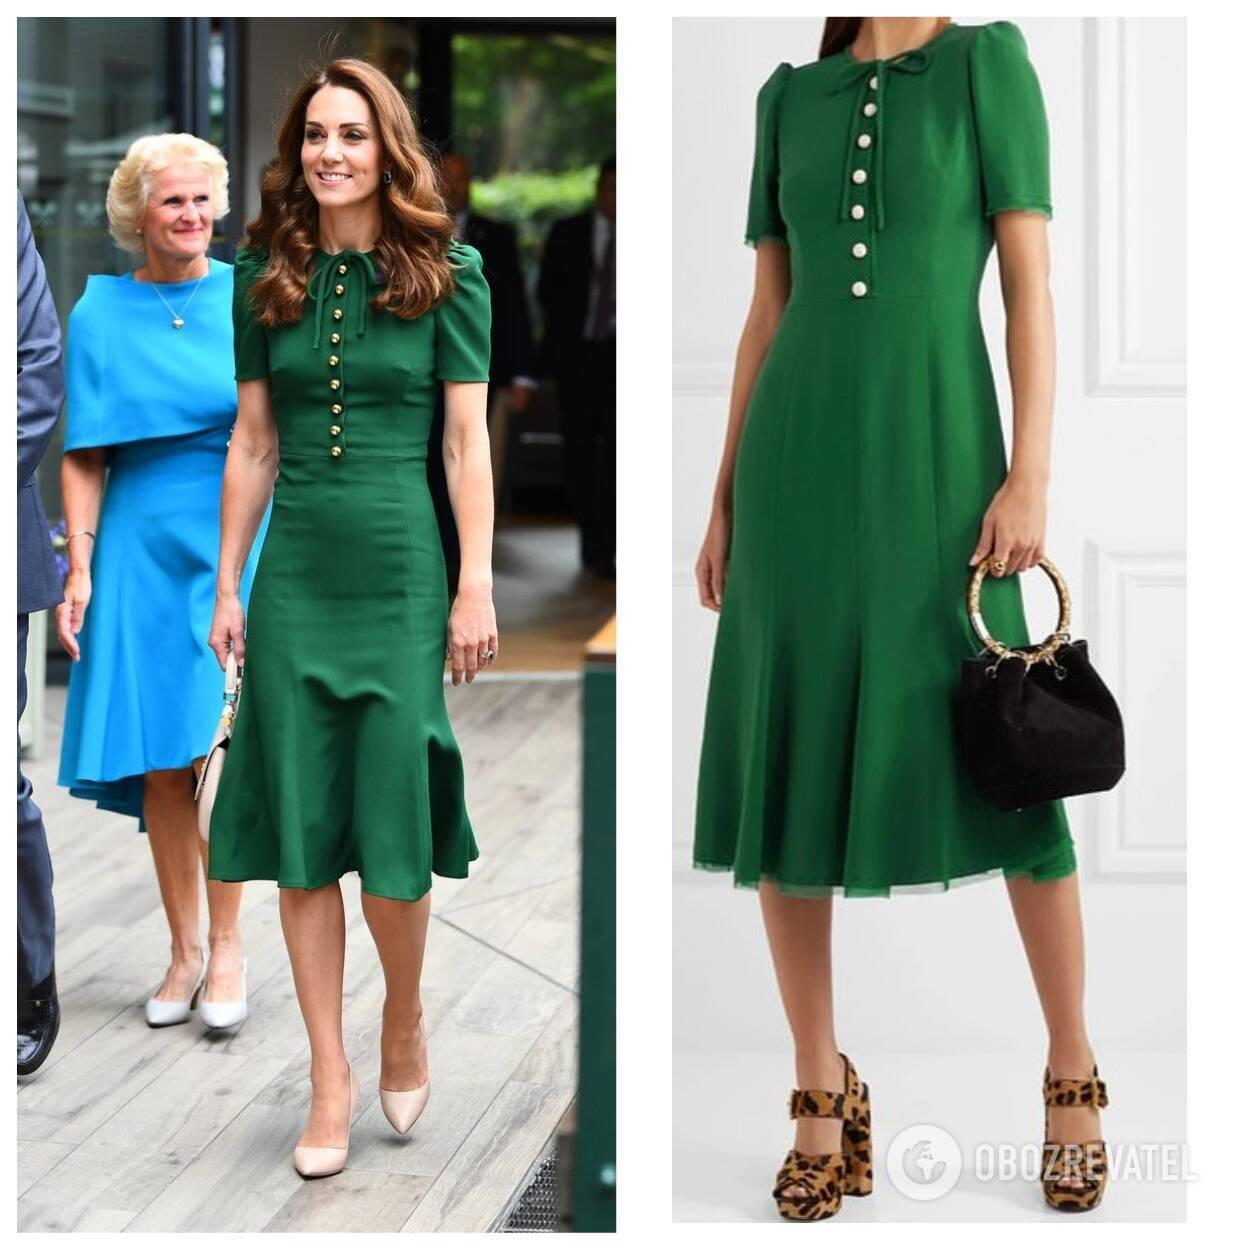 Кейт Миддлтон в зеленом платье Dolce & Gabbana